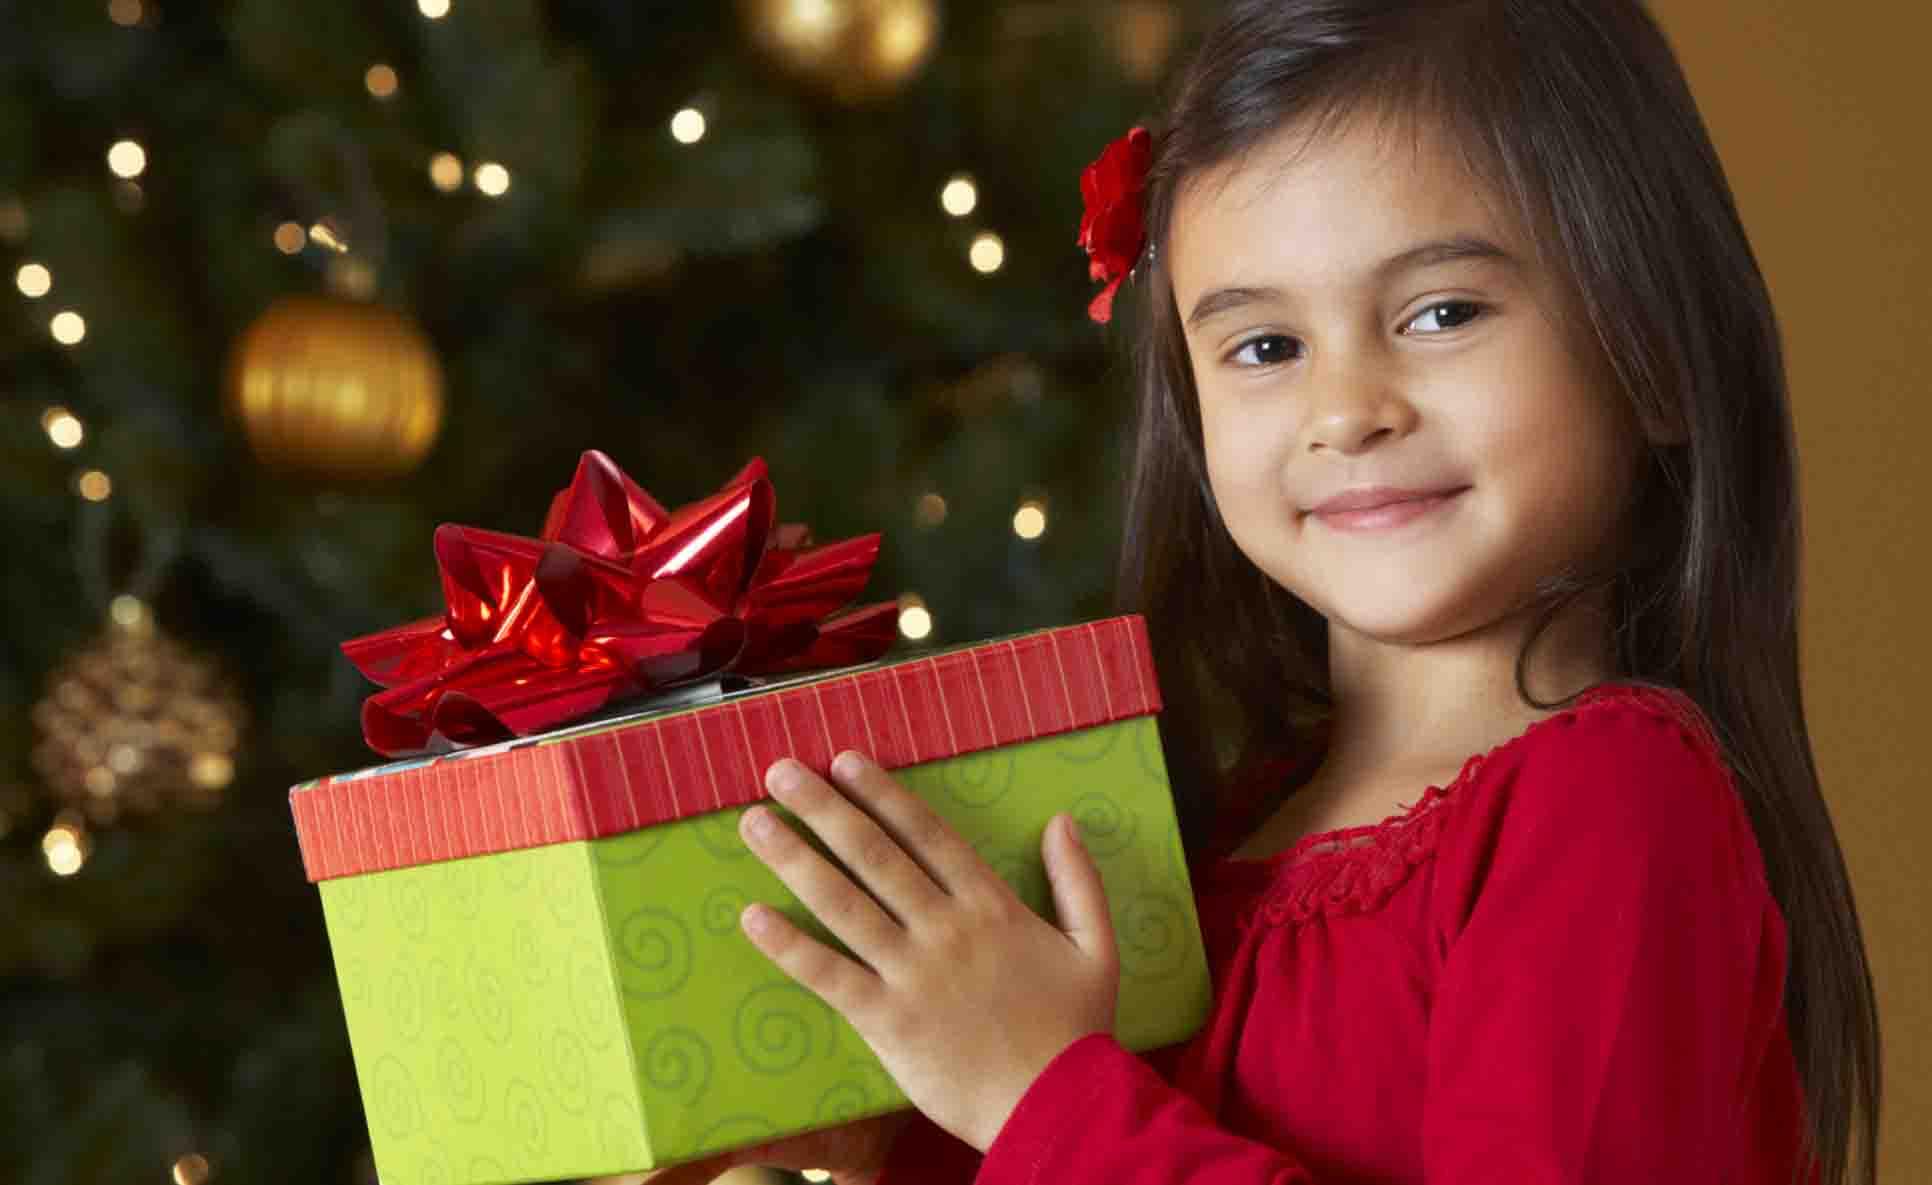 Troppi regali e ricompense rendono i bambini materialisti